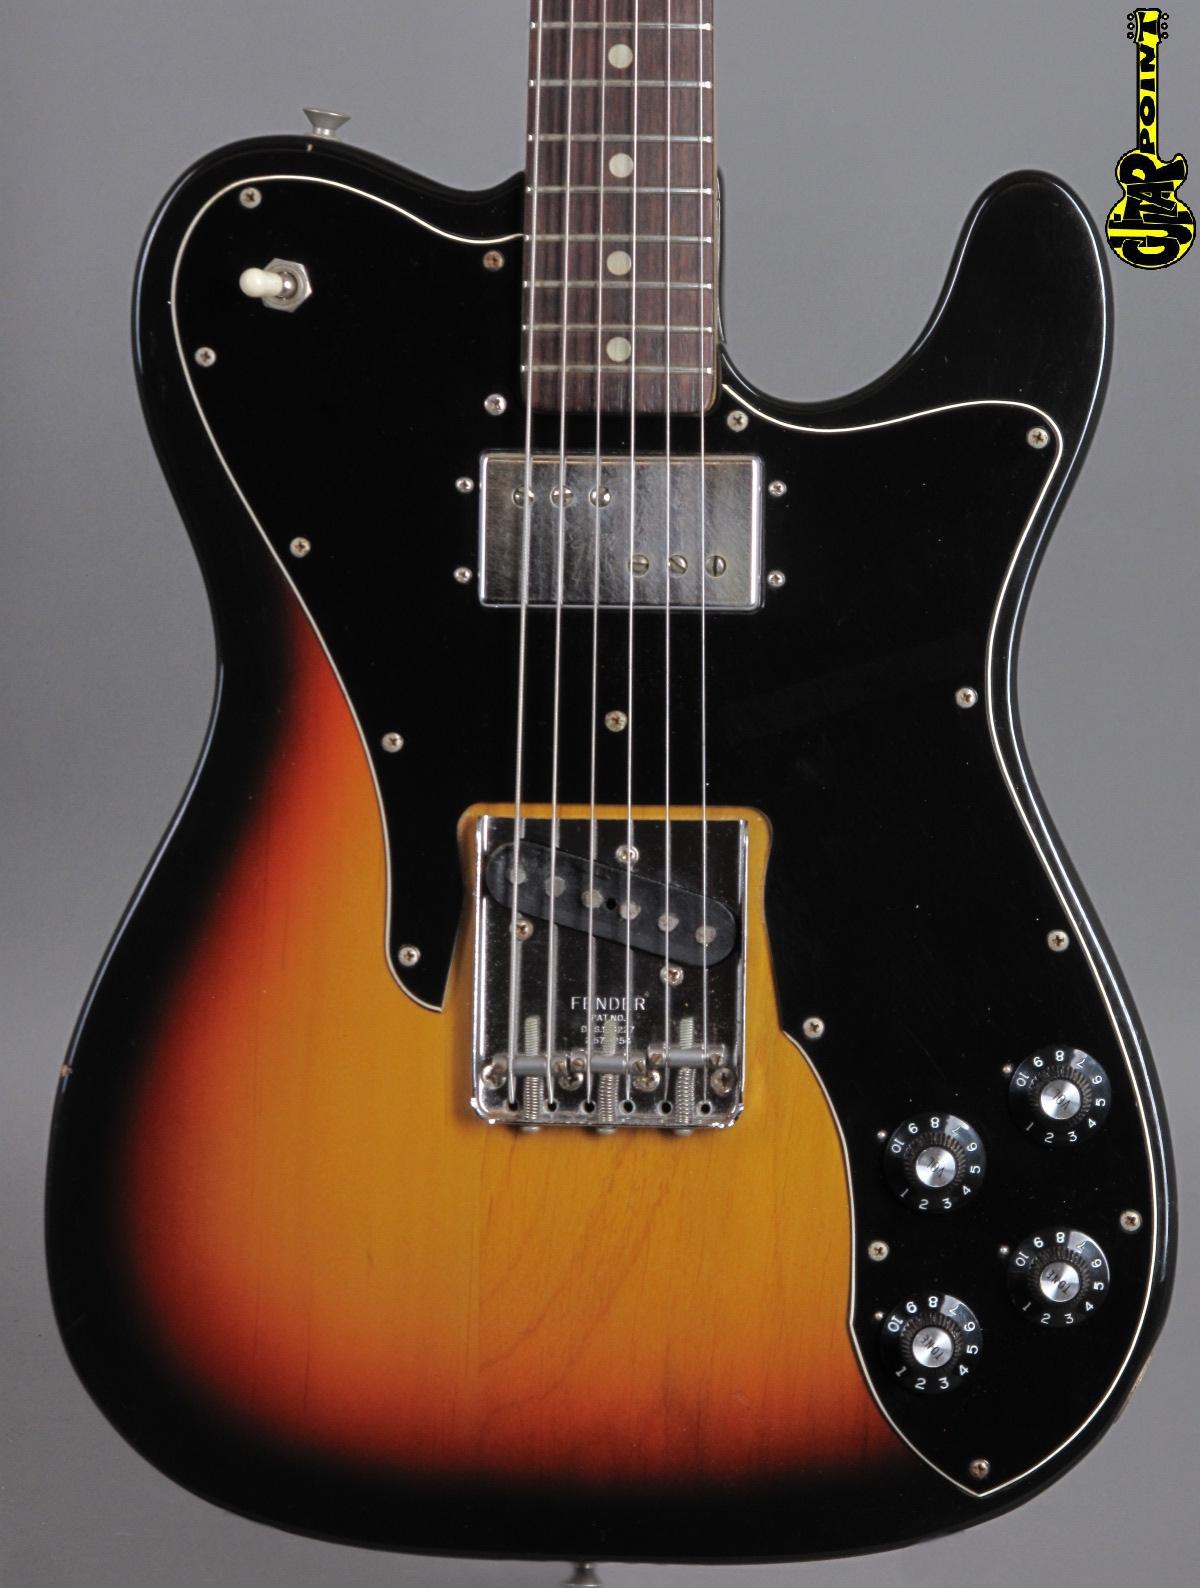 1972 Fender Telecaster Custom -  3-tone Sunburst